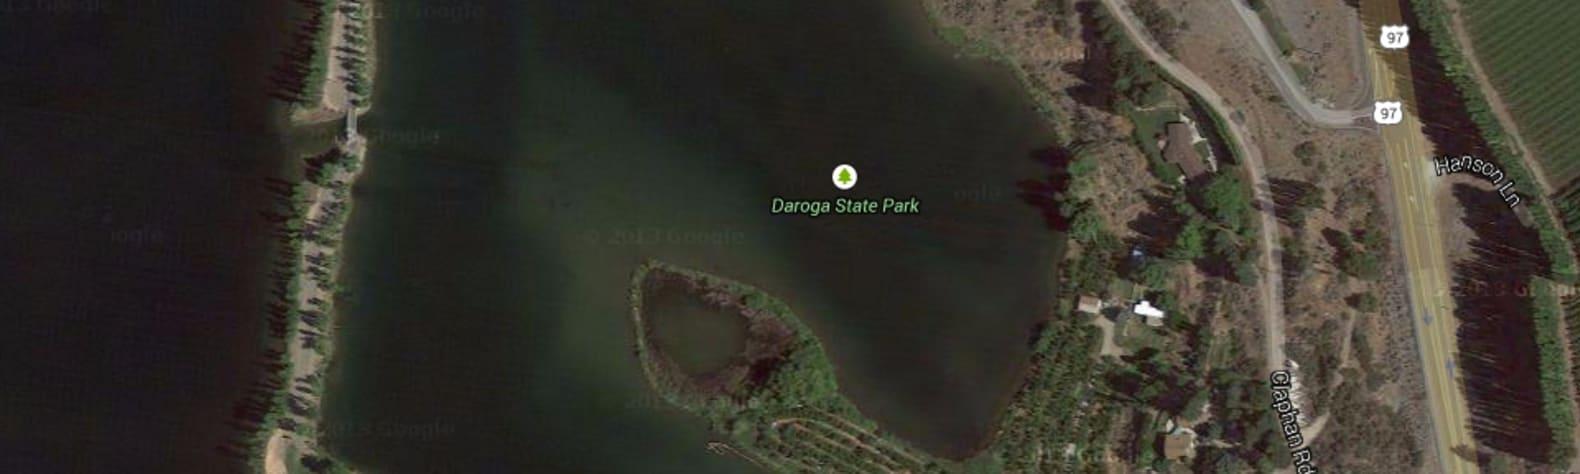 Daroga State Park